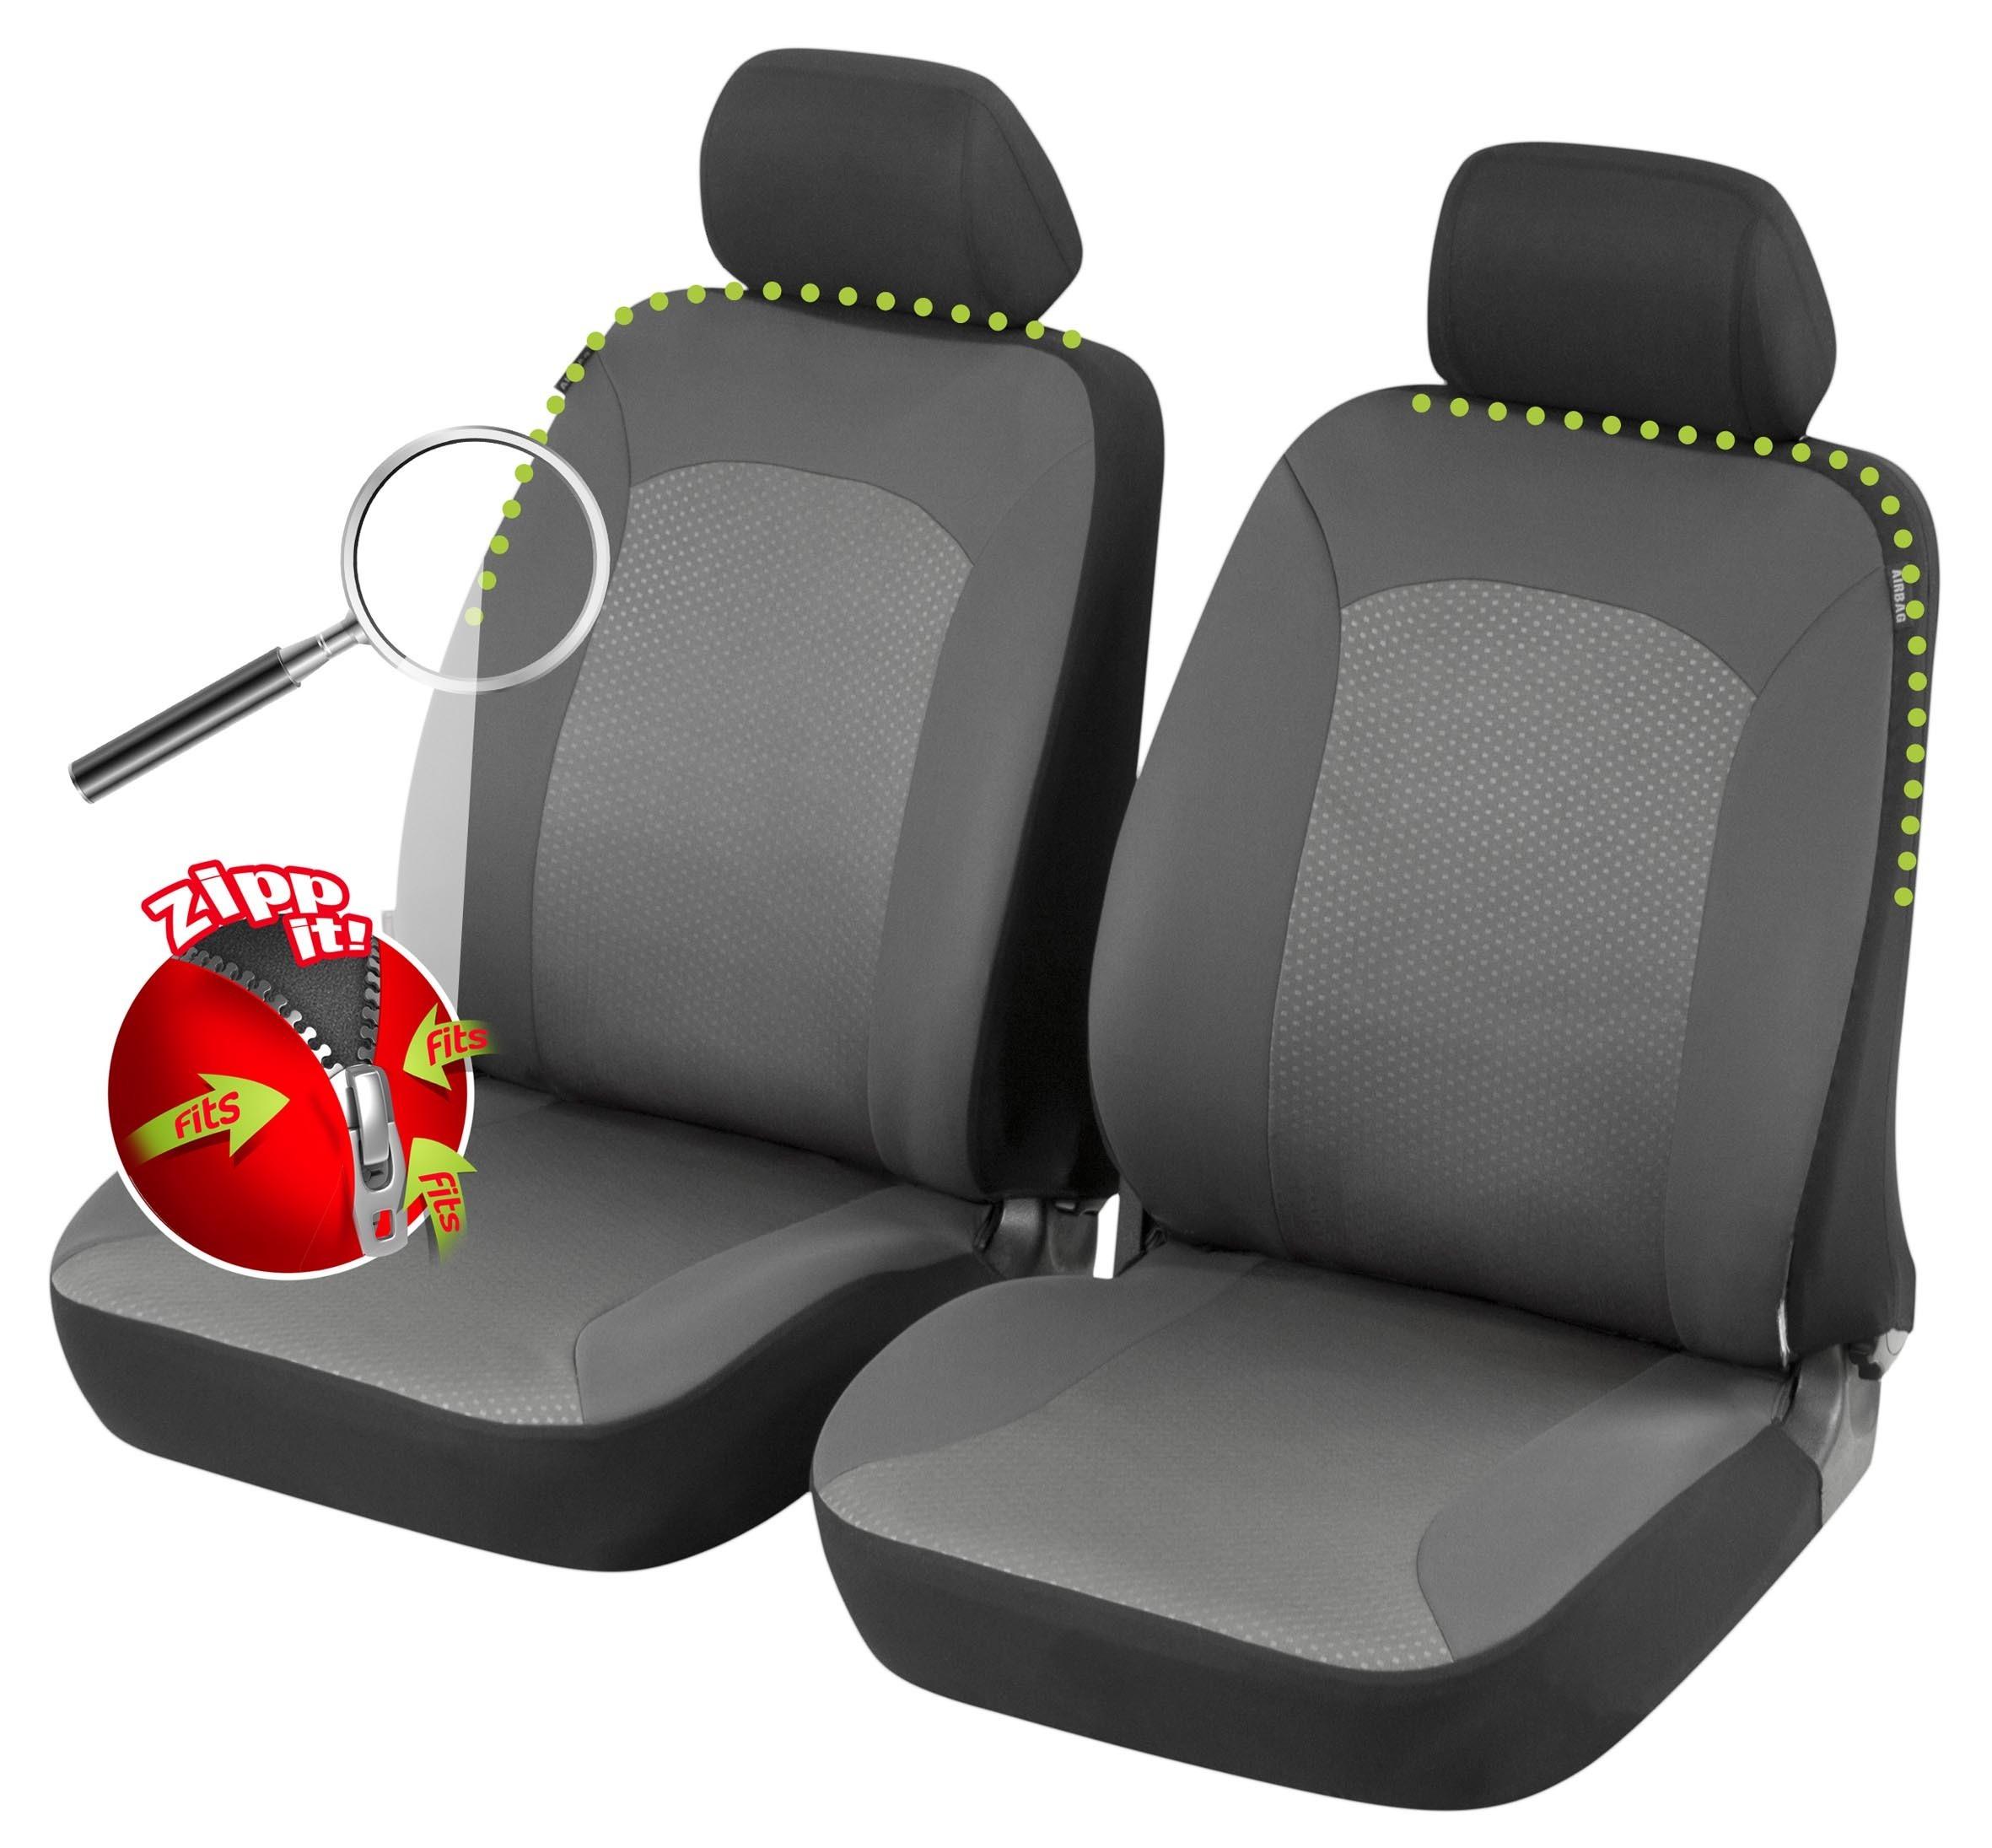 Vordersitzbezüge Sitzbezüge Schonbezüge Schwarz Universal passend für DACIA